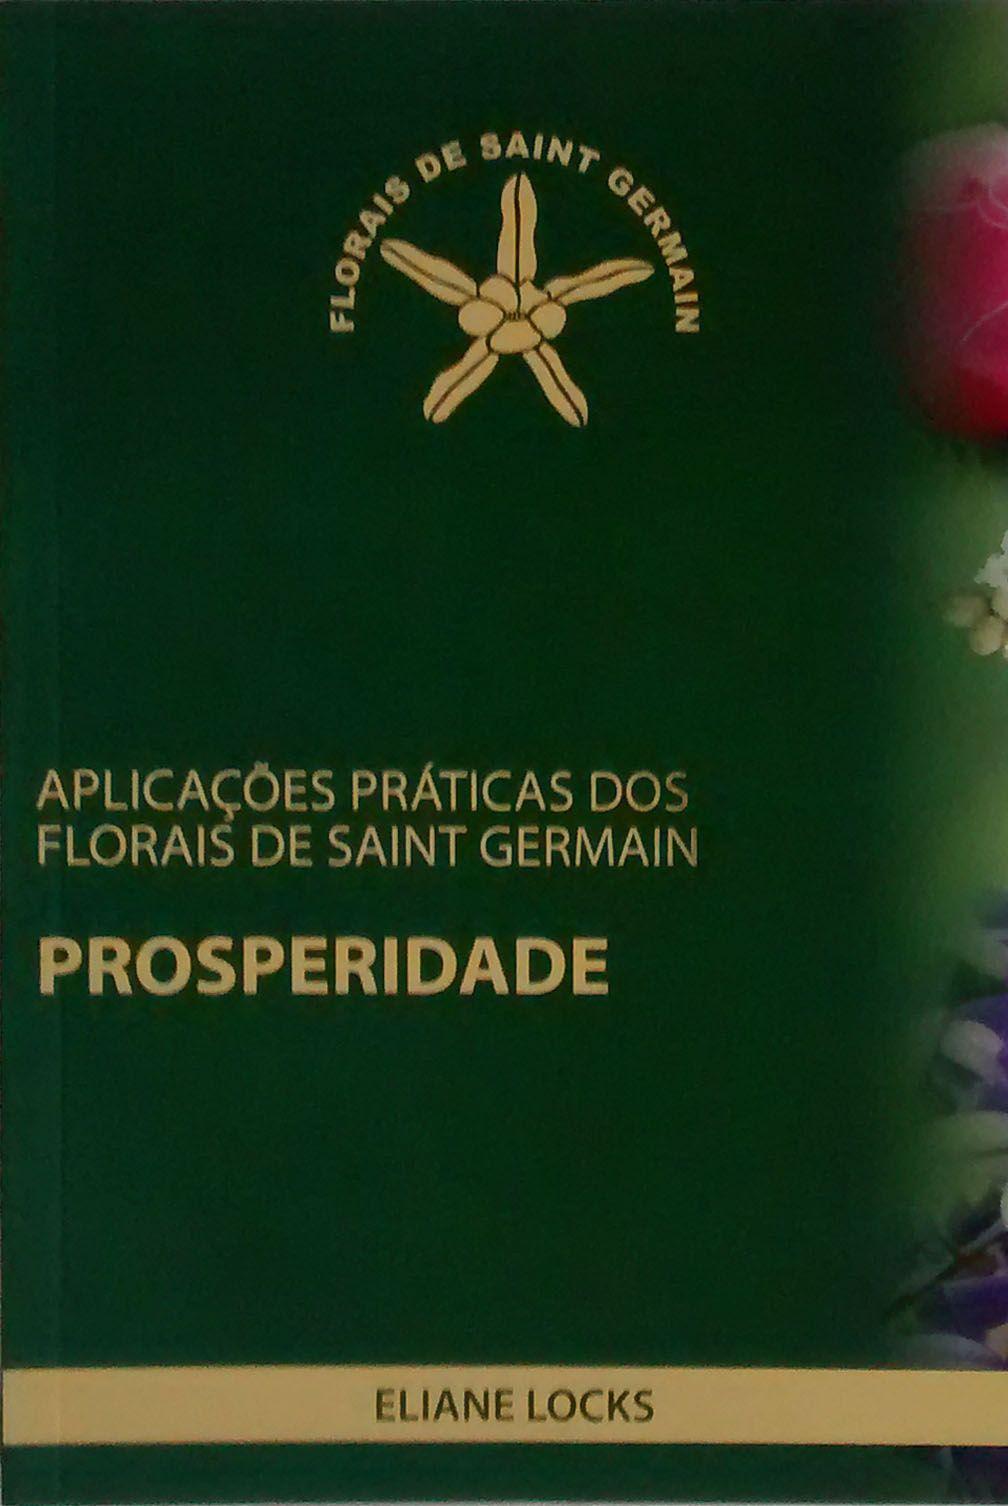 Livro Aplicações Práticas dos Florais de Saint Germain - Prosperidade - Eliane Locks  - Floressência